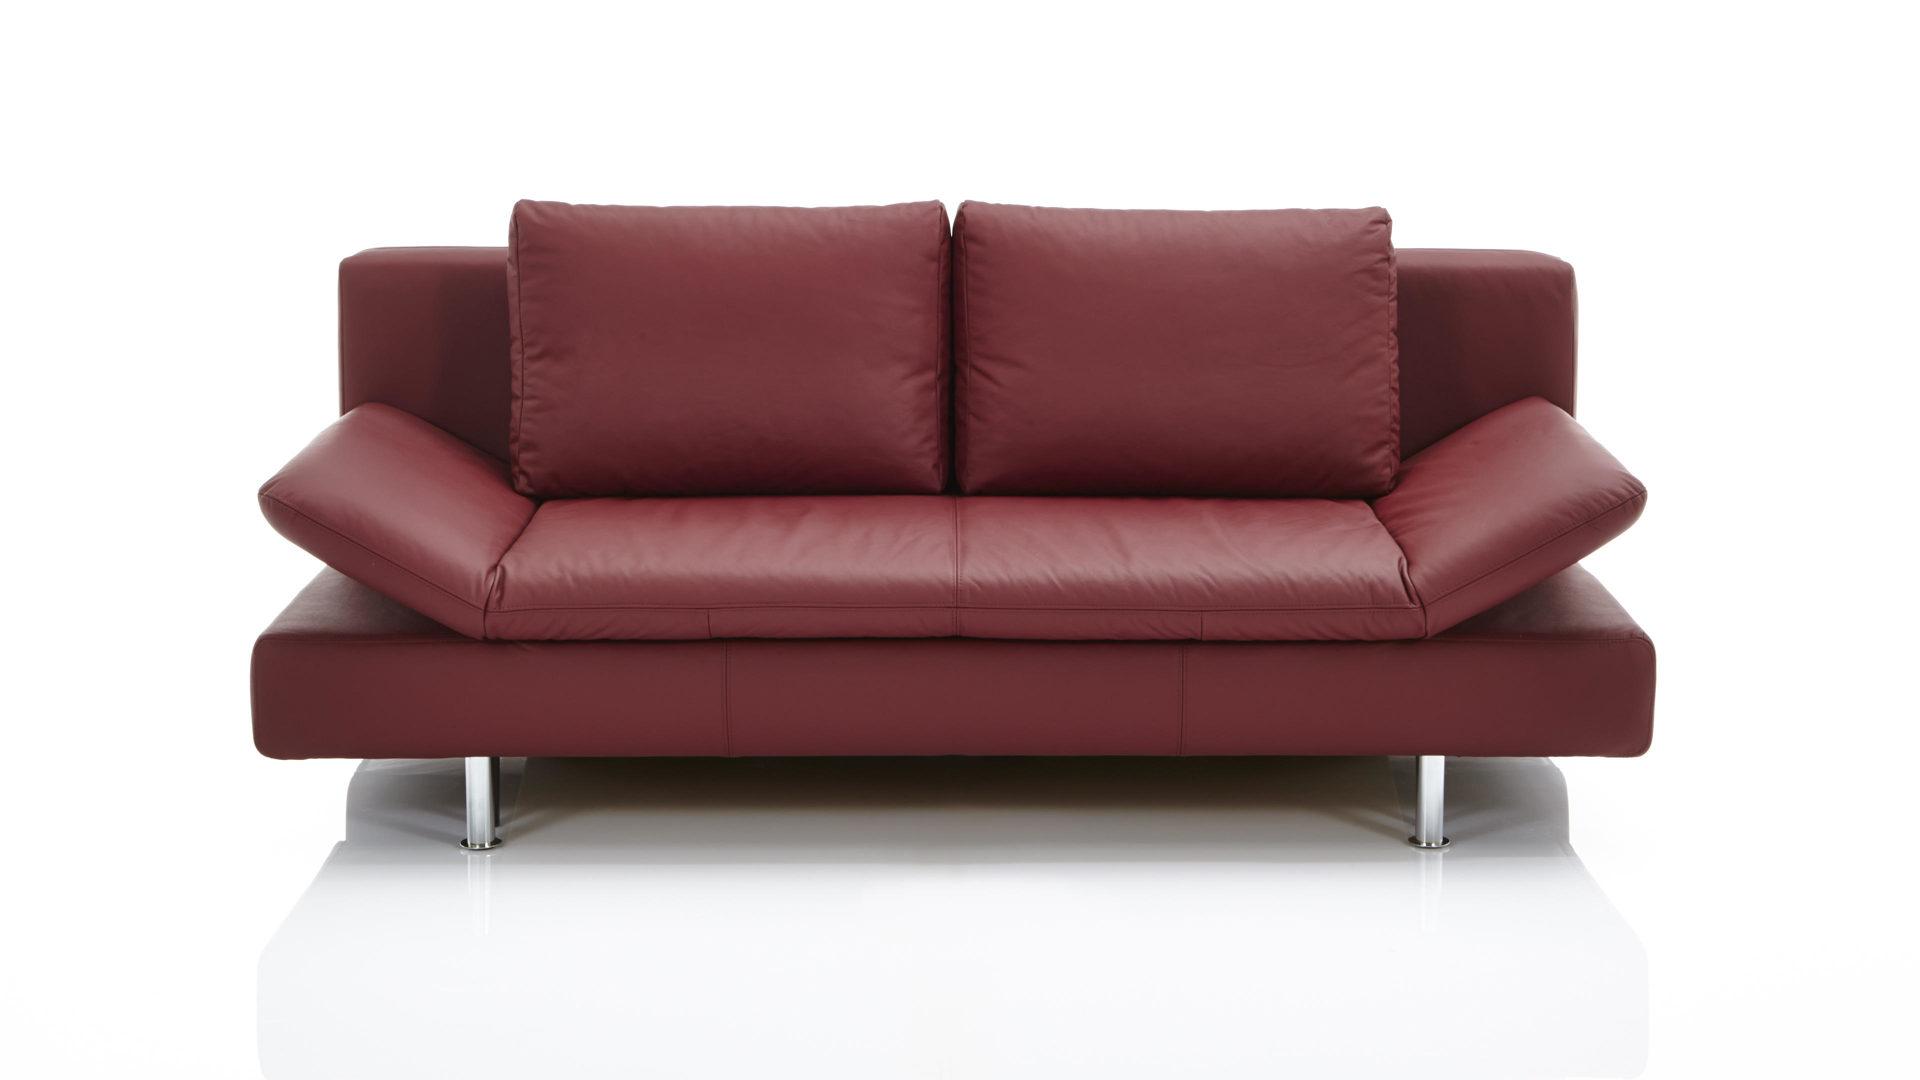 Schlafsofa Aus Leder Wohnzimmer - Design